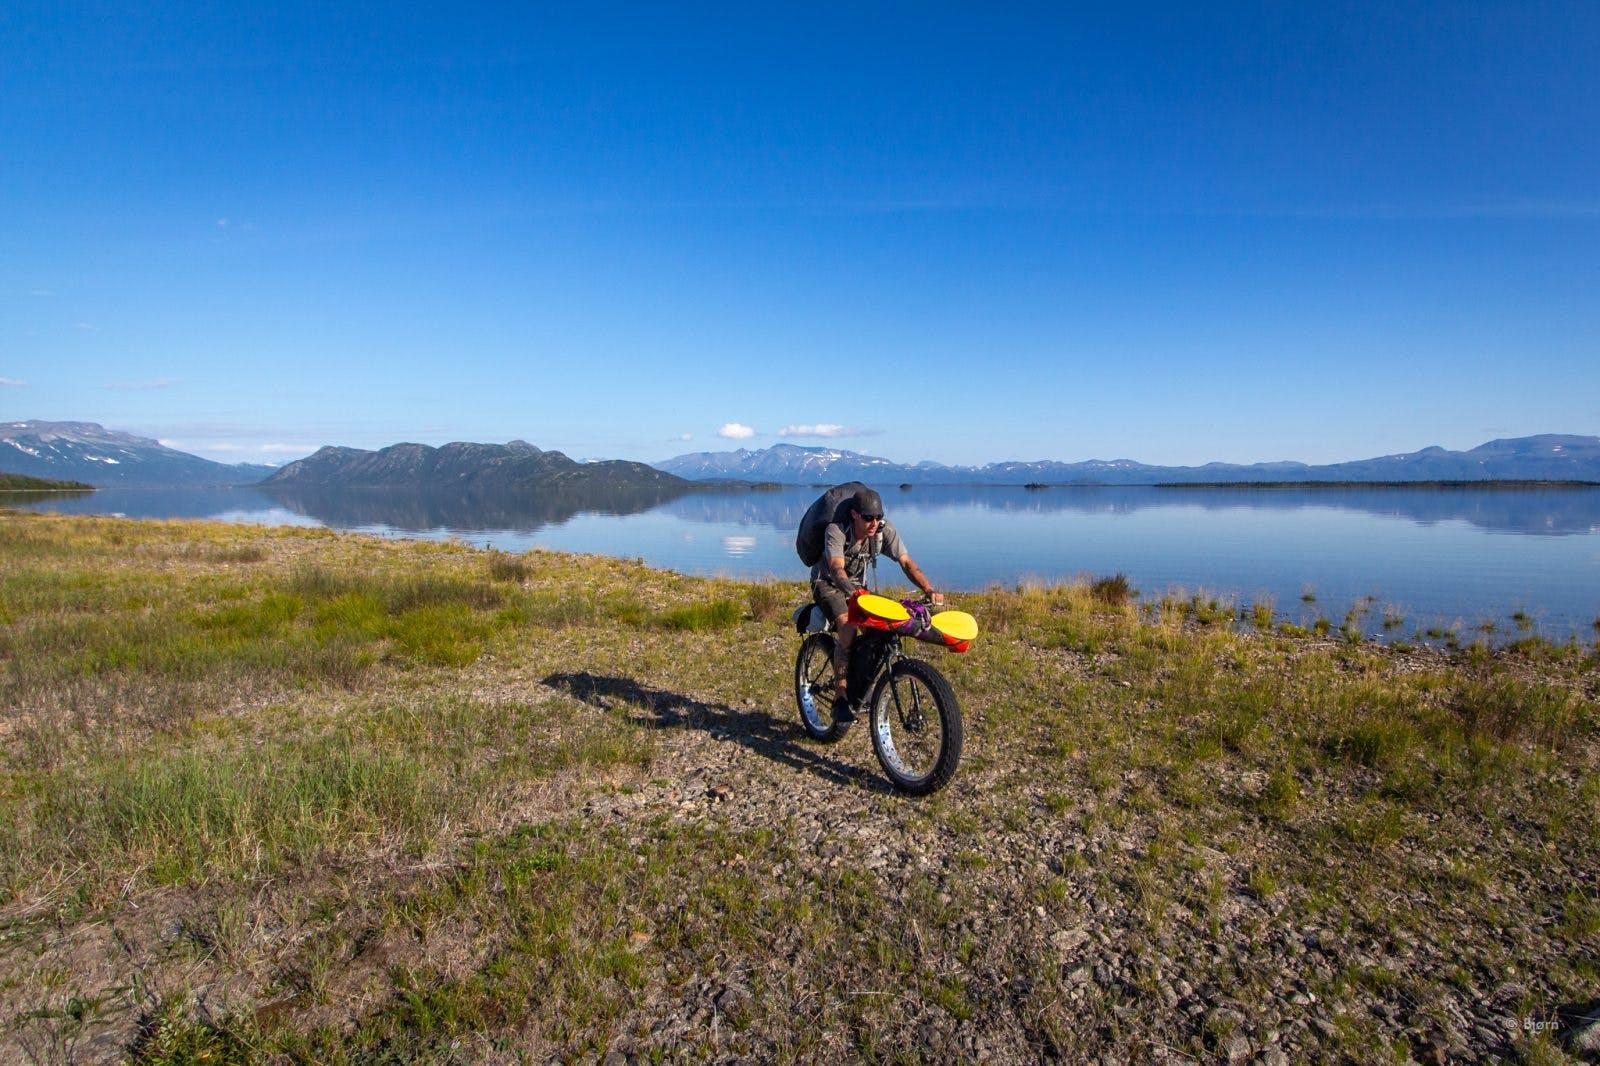 Biking along the tundra near Lake Iliamna.